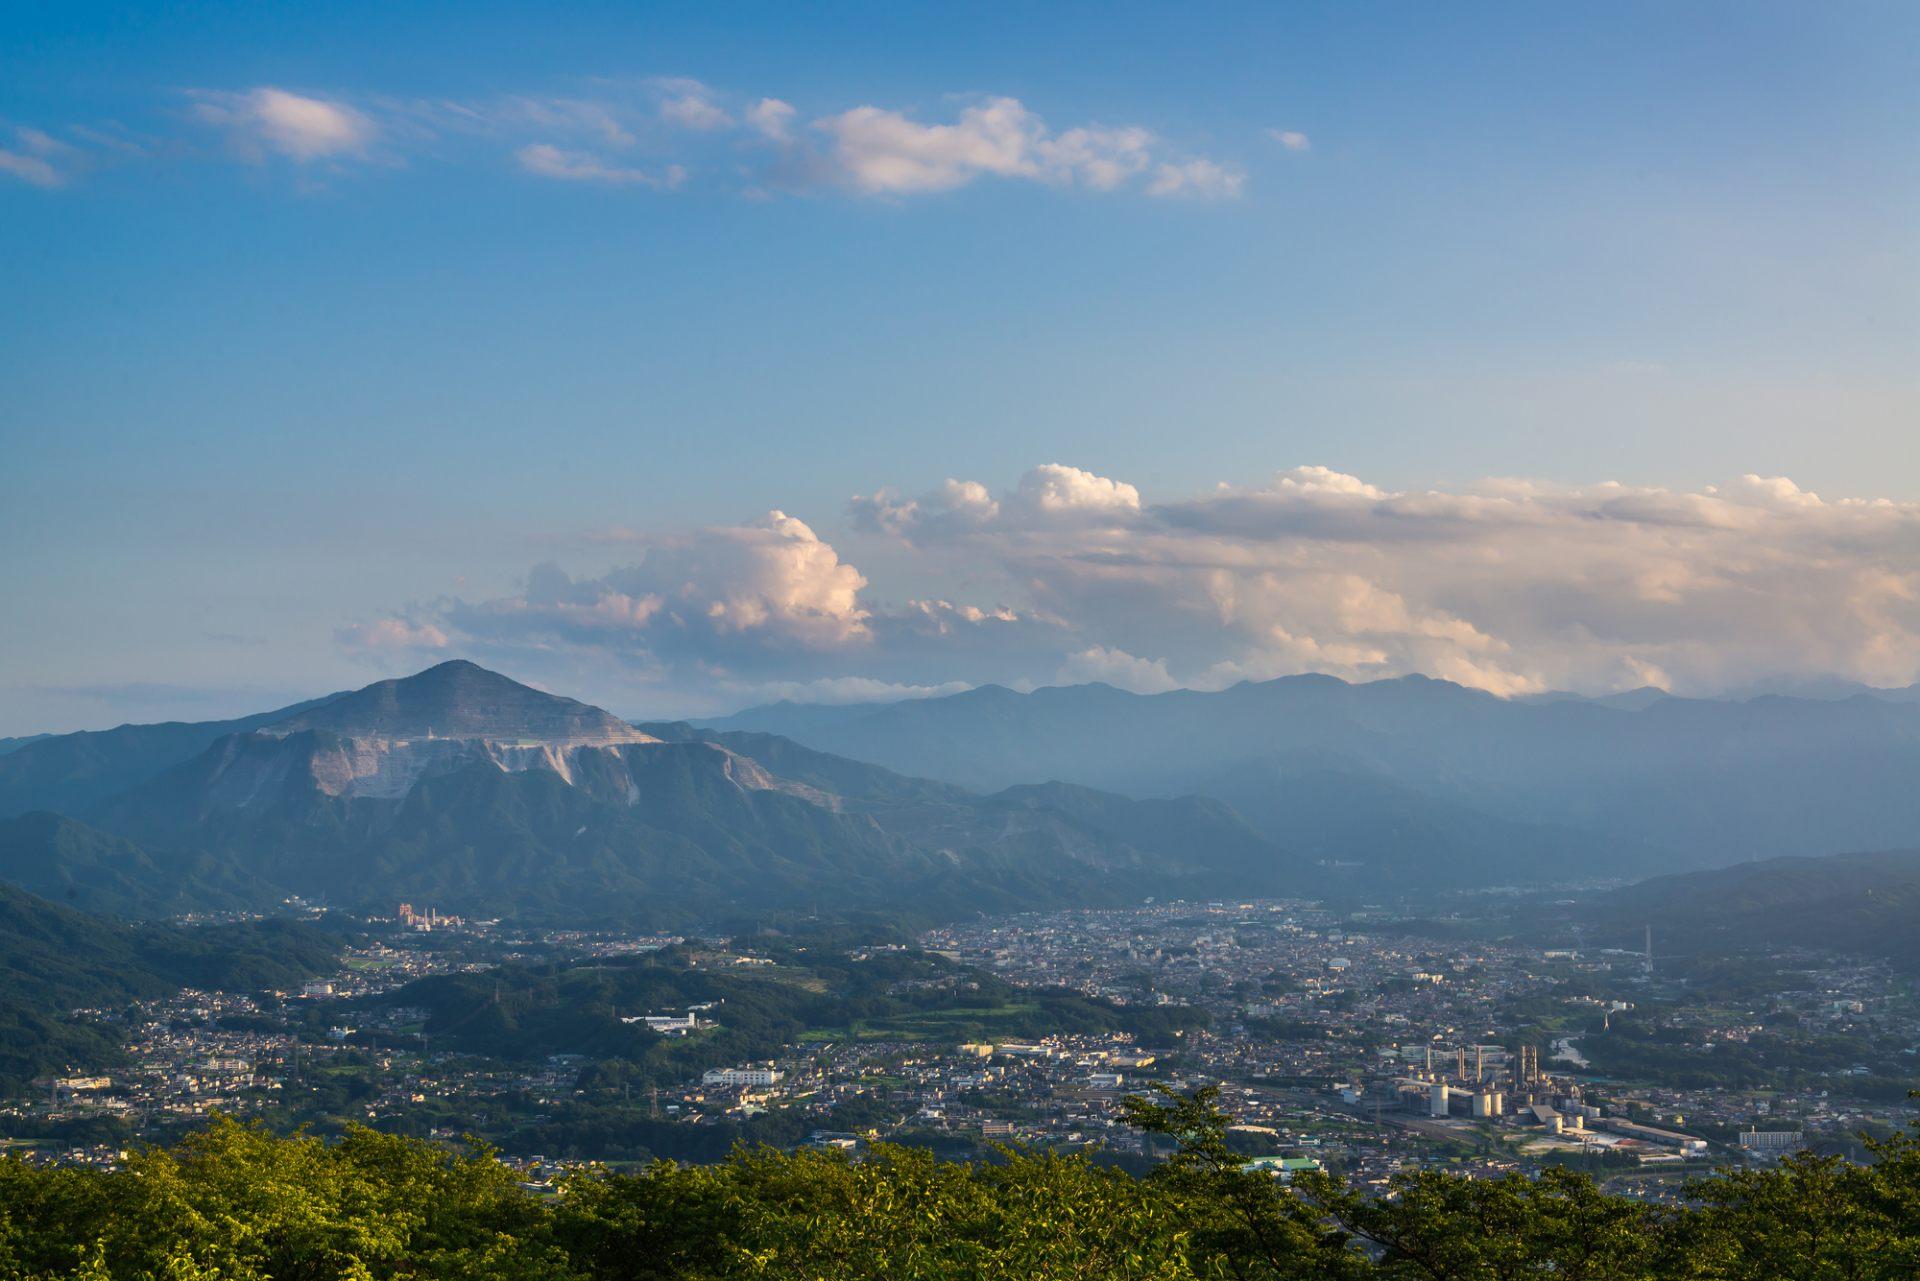 位於美麗武甲山山麓的秩父市